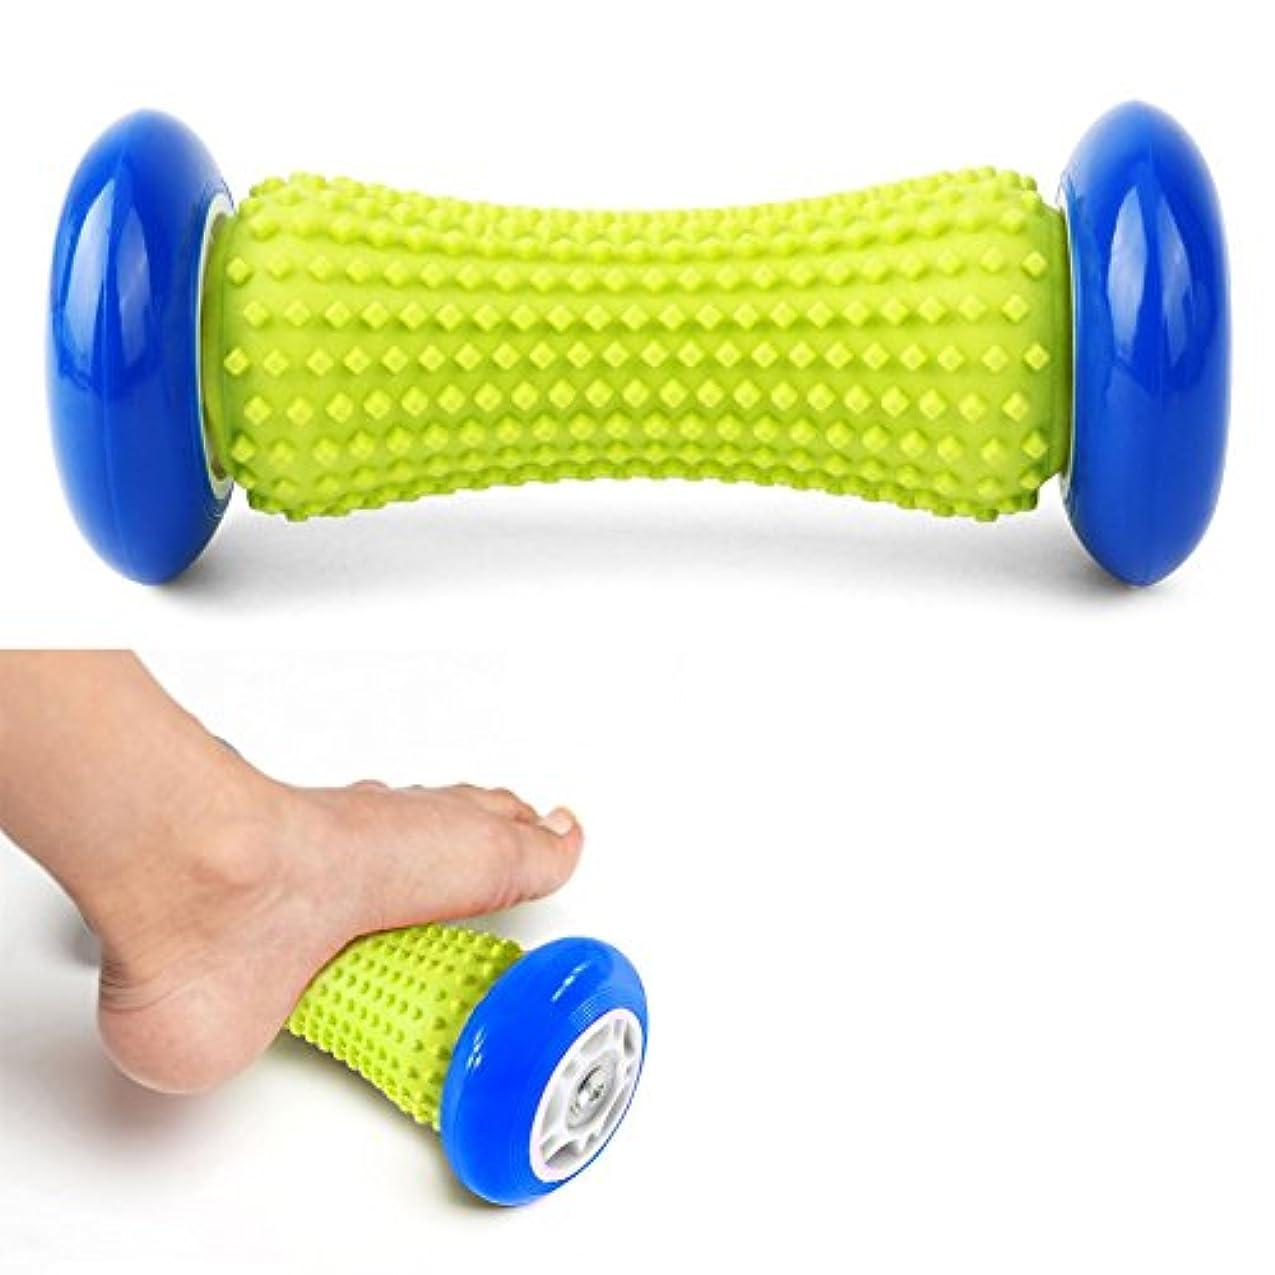 理由すべて処理DOXUNGO 足と手のマッサージローラー - マッスルローラースティック - 手首と前腕足底筋膜炎、腕の痛み - かかと&足アーチ痛の救済のための運動ローラー (ブラック)